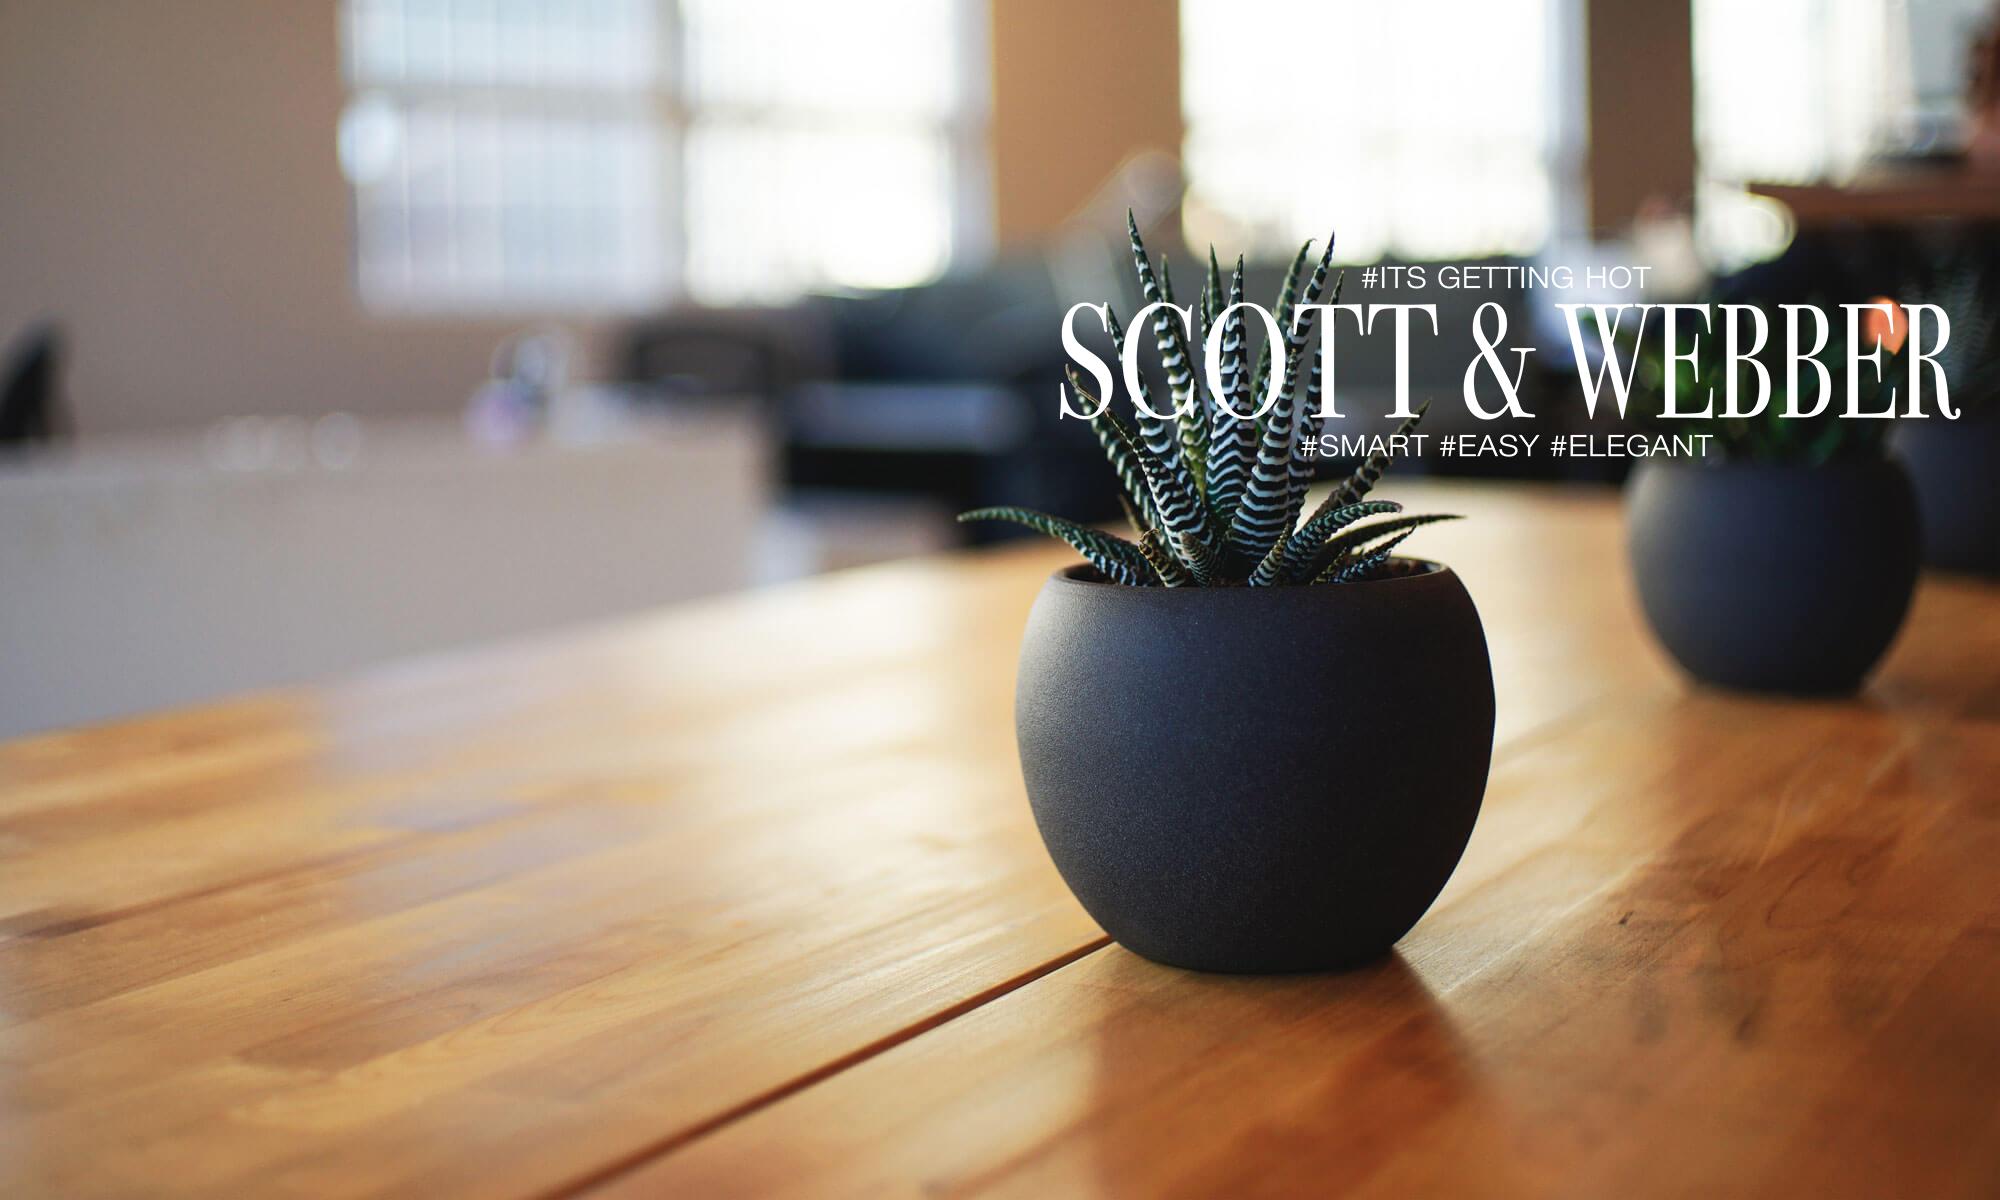 Scott & Webber